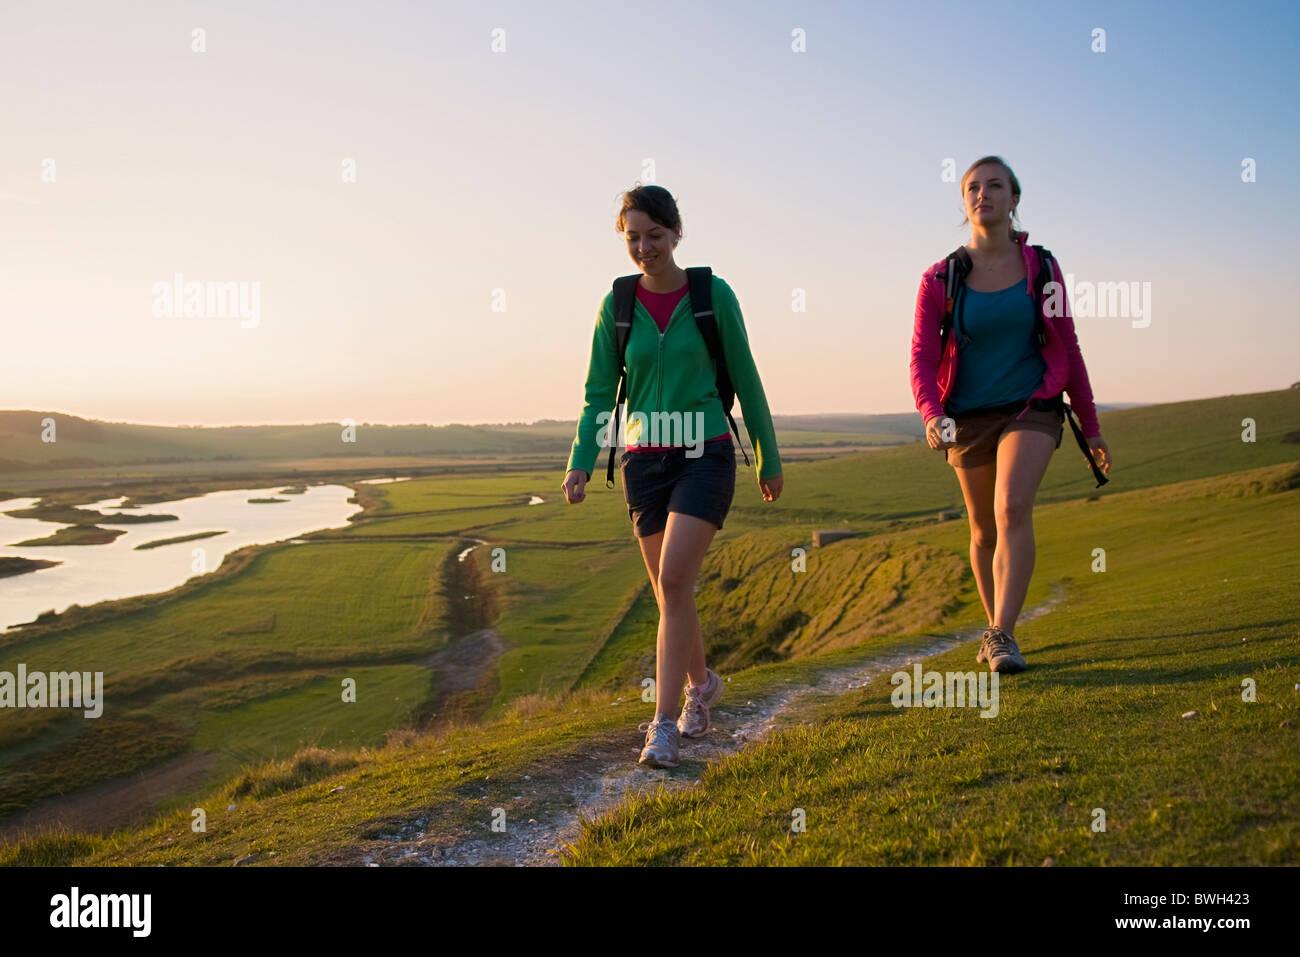 Gli escursionisti si avvicinano alla fine del loro cammino Immagini Stock